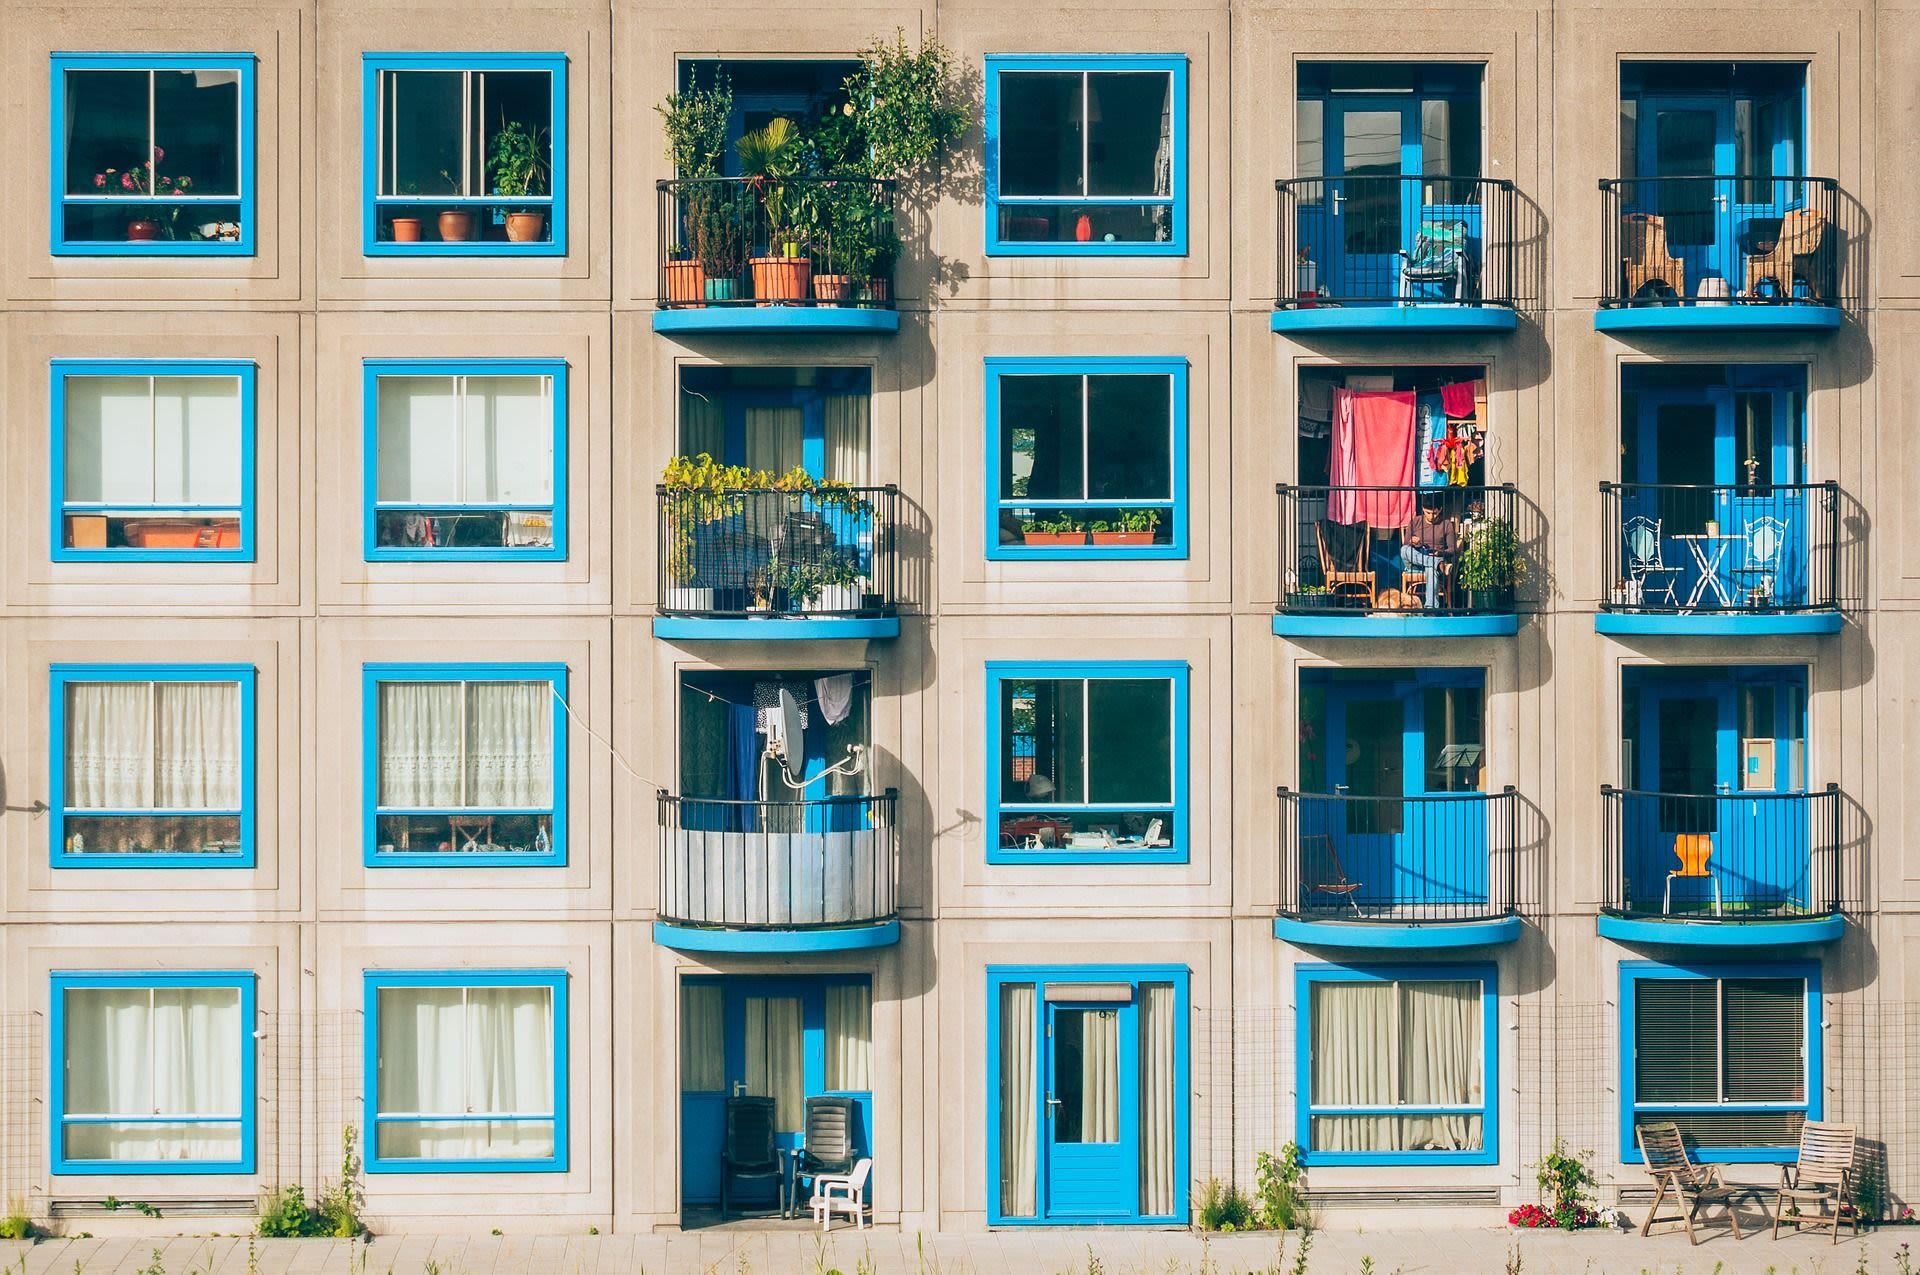 Les 10 meilleurs sites pour trouver un bien immobilier